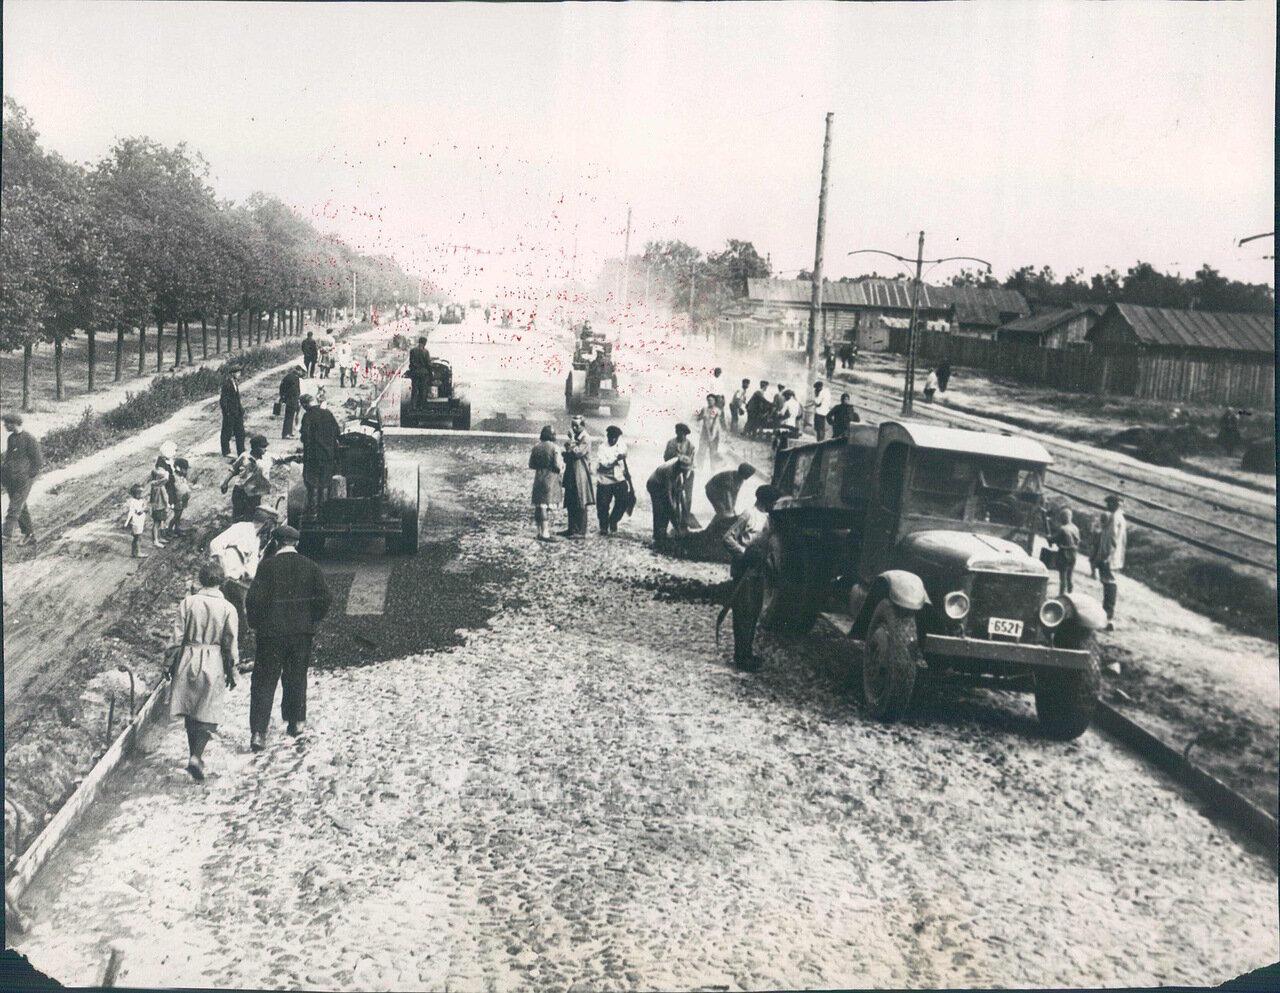 1931. Покрытие асфальтом Ленинградского шоссе в Москве